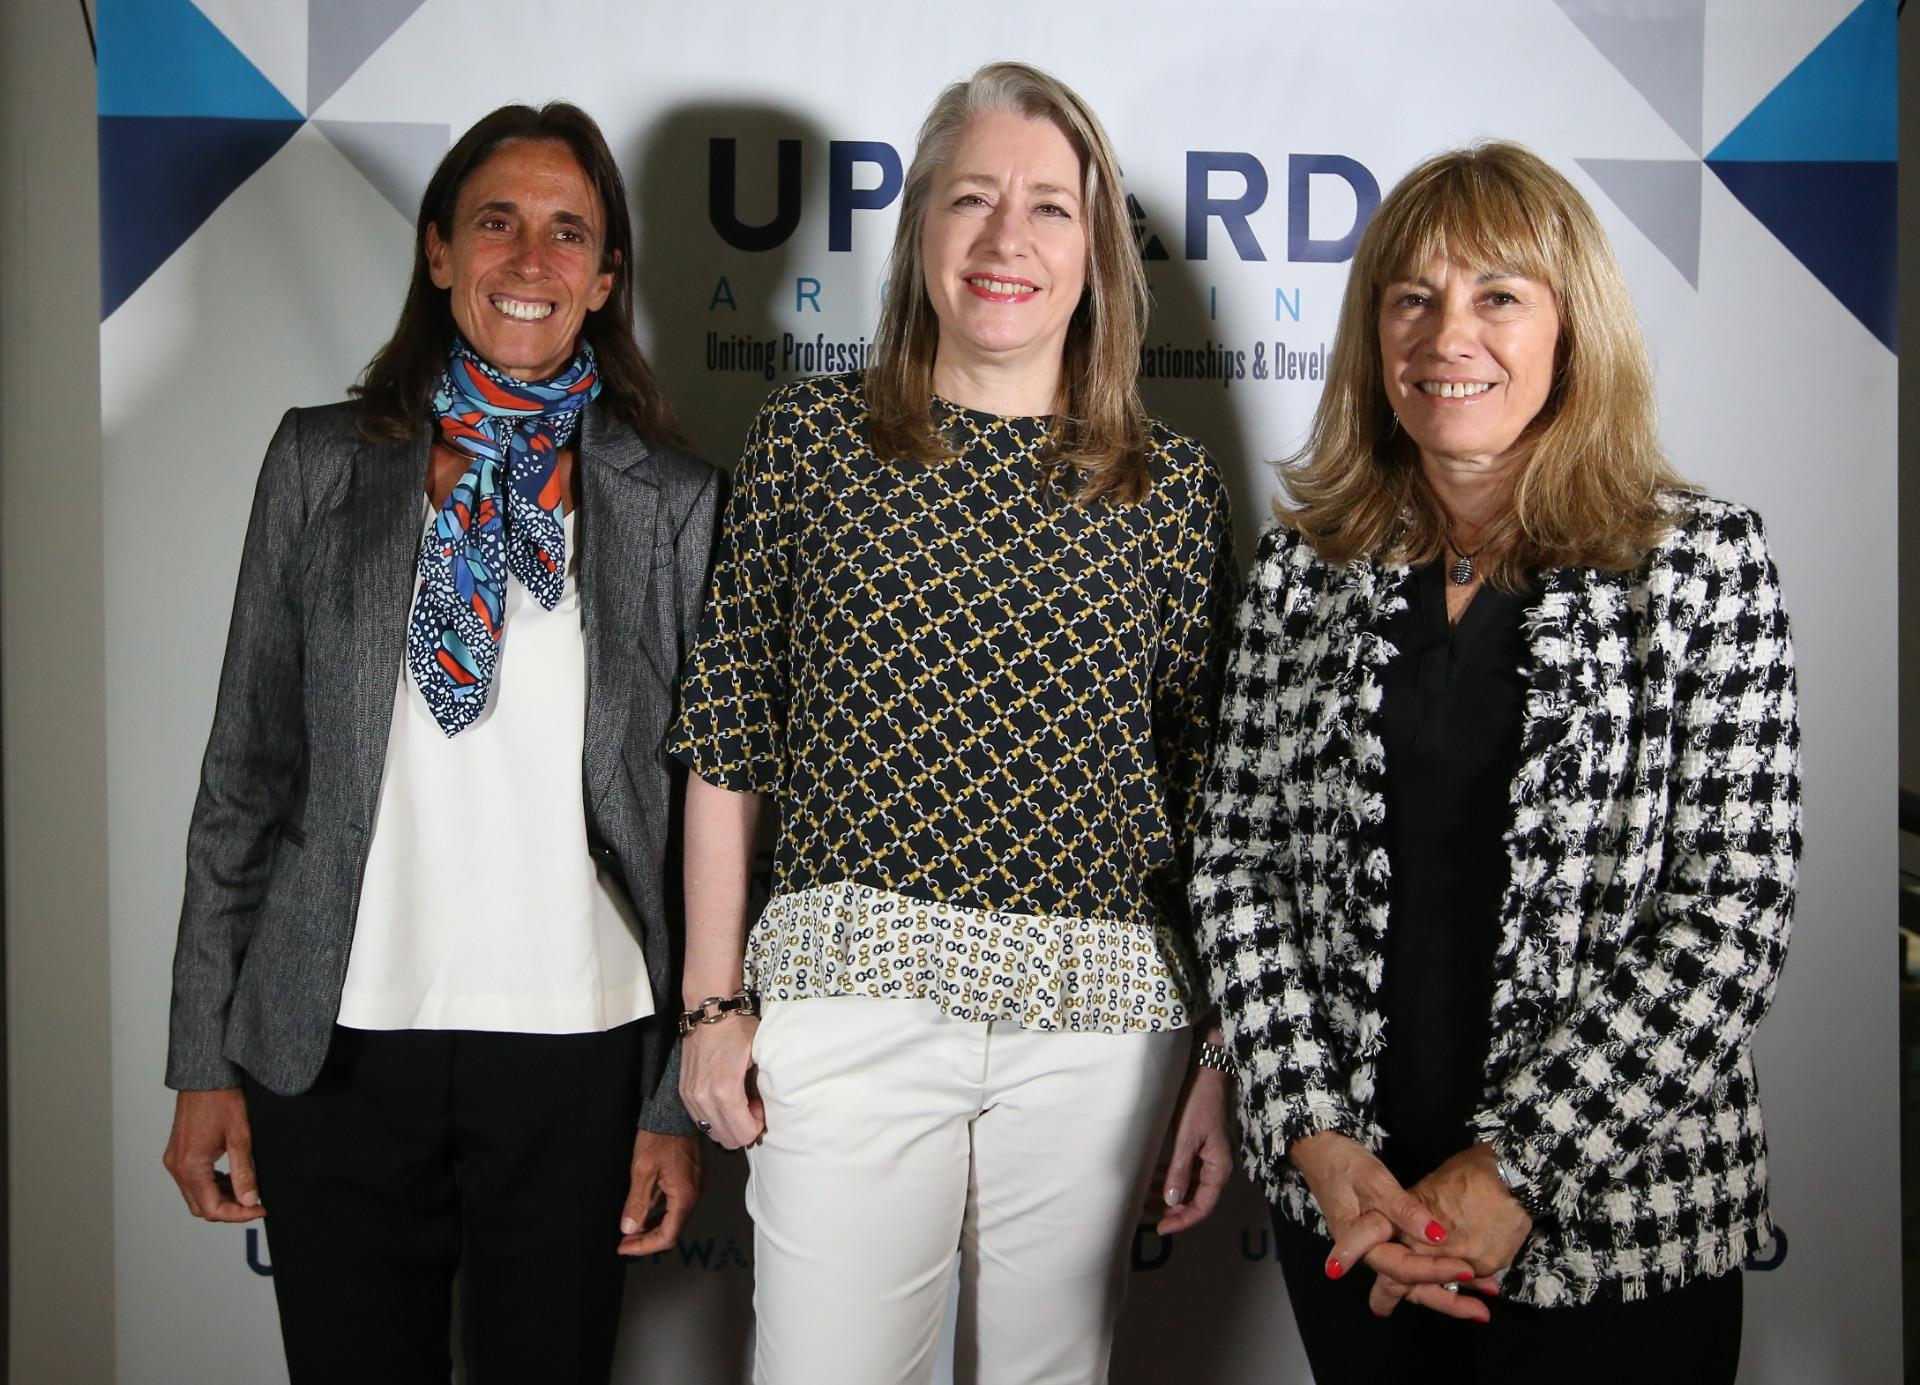 Mariana Feld (directora regional de YPO en la región latinoamericana), María Amelia Videla (directora de Sustenibilidad y Asuntos Públicos en ManpowerGroup Argentina) y Claudia Segovia (directora de Operaciones de CDA Informática)